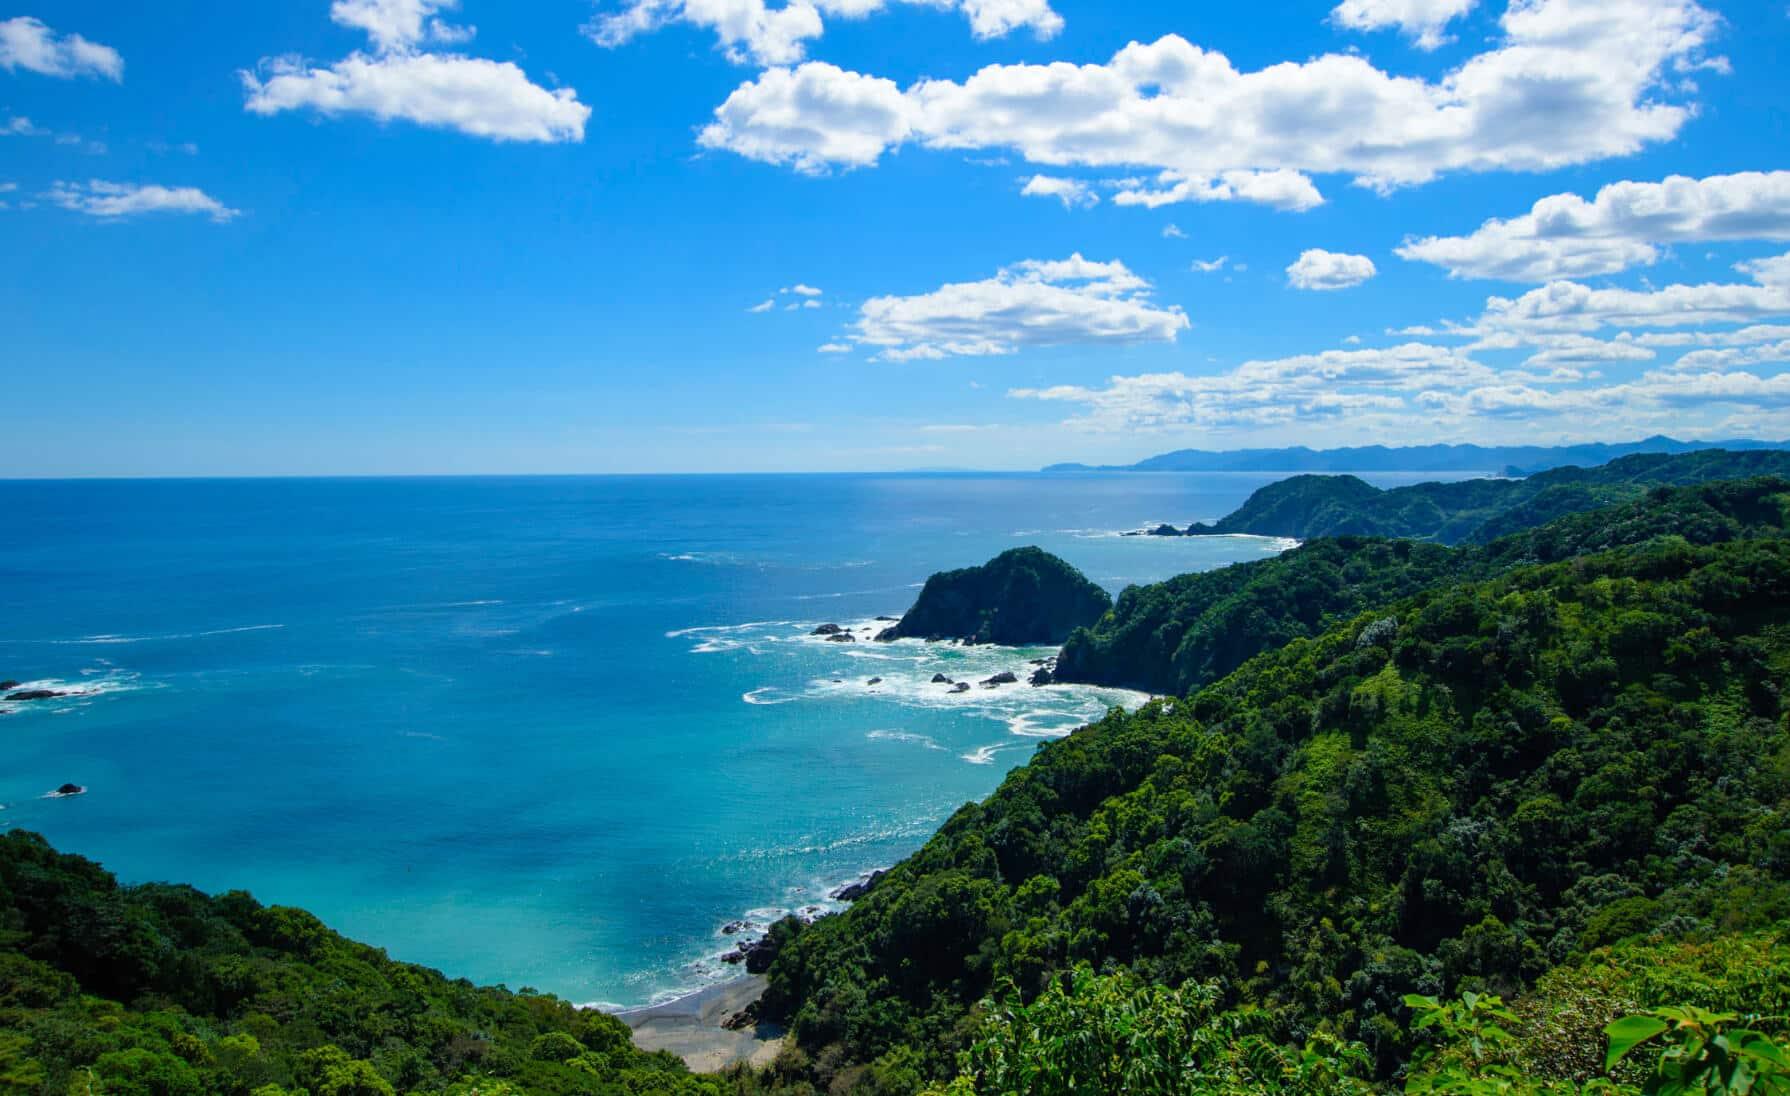 太平洋與土佐灣